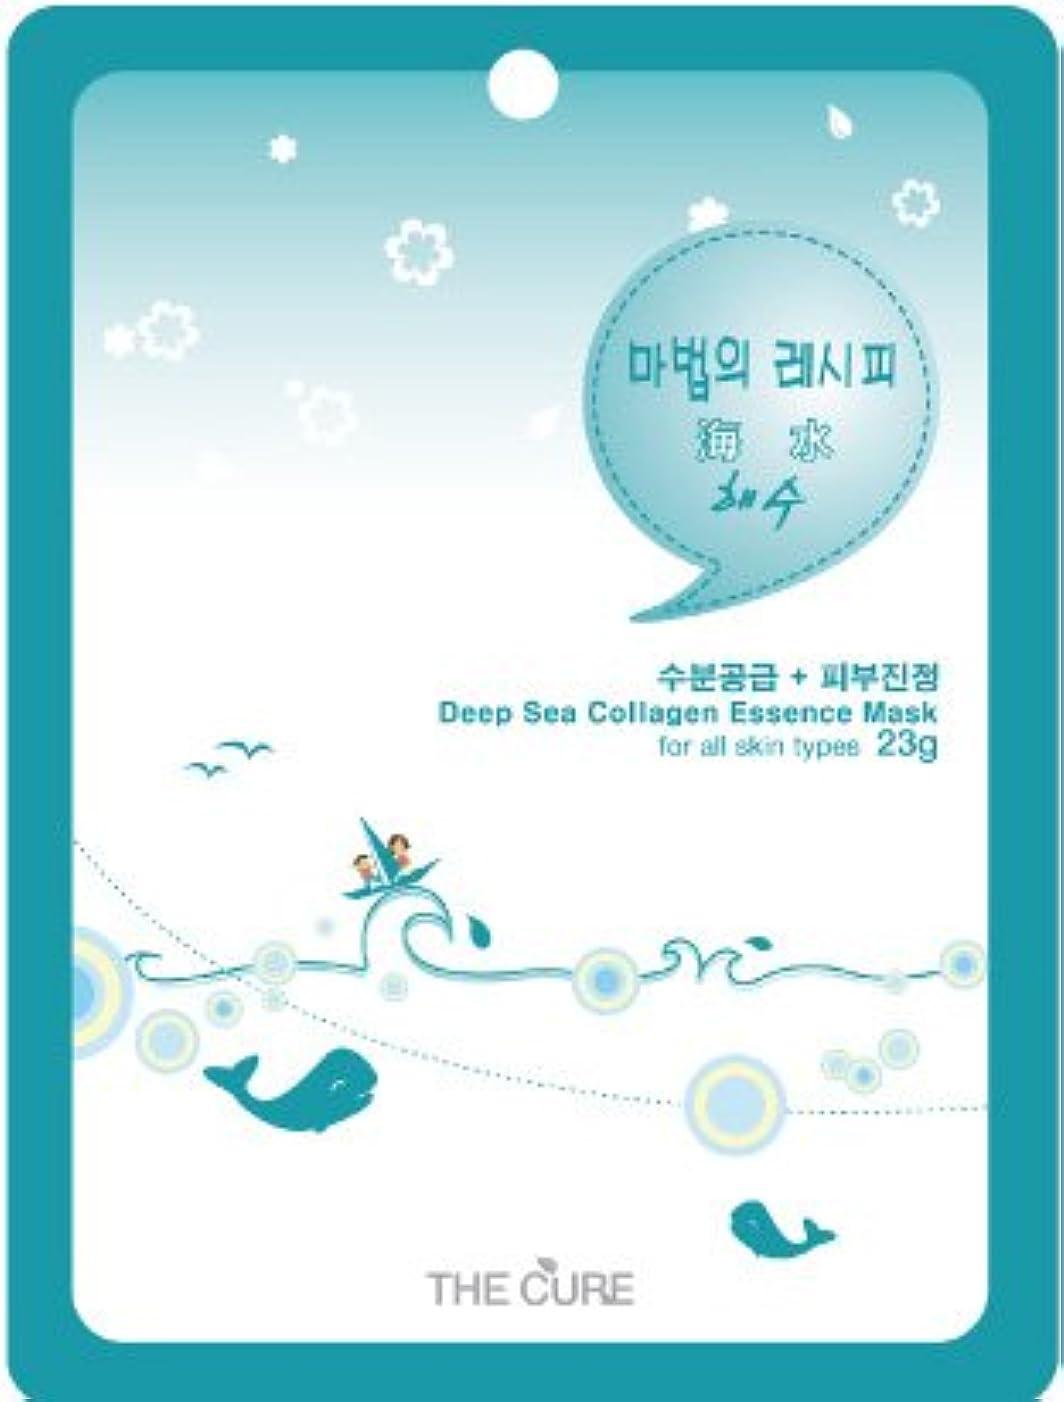 線人複合海水 コラーゲン エッセンス マスク THE CURE シート パック 10枚セット 韓国 コスメ